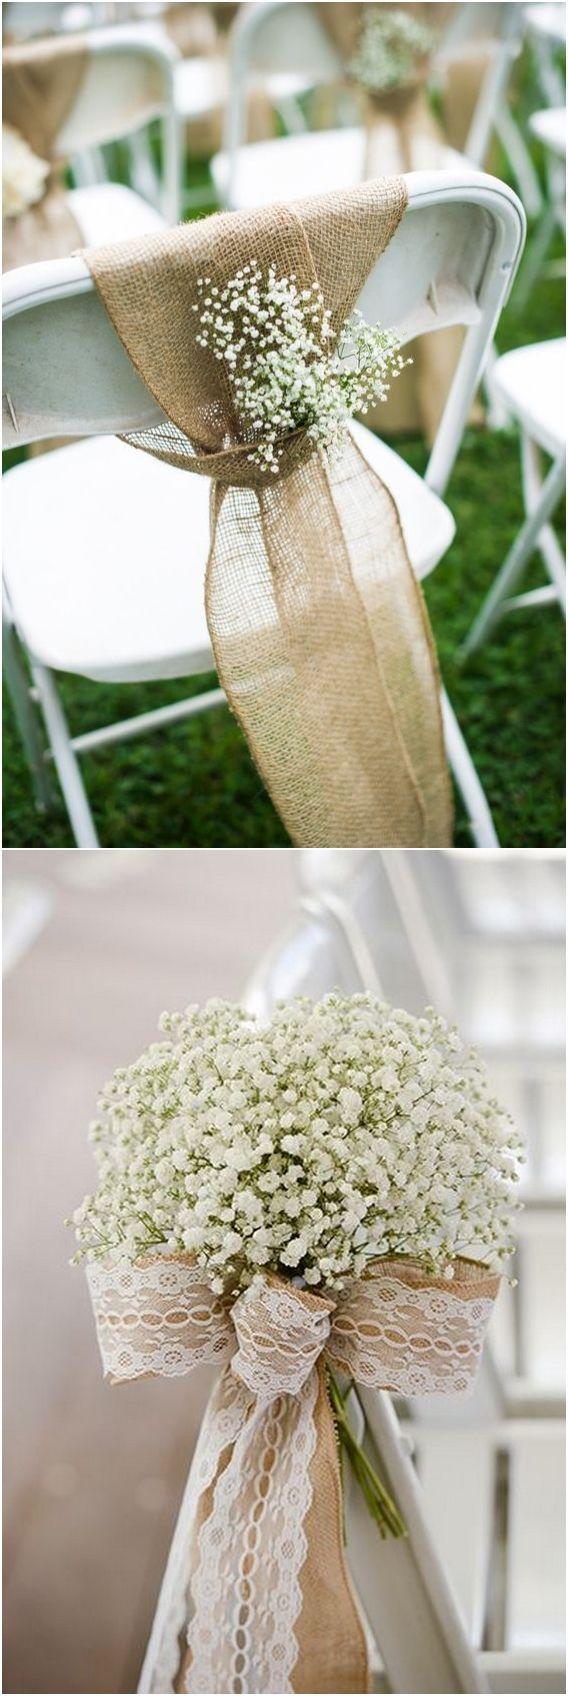 Decor ideas for wedding  Rustic babyus breath wedding chair decor ideas wedding